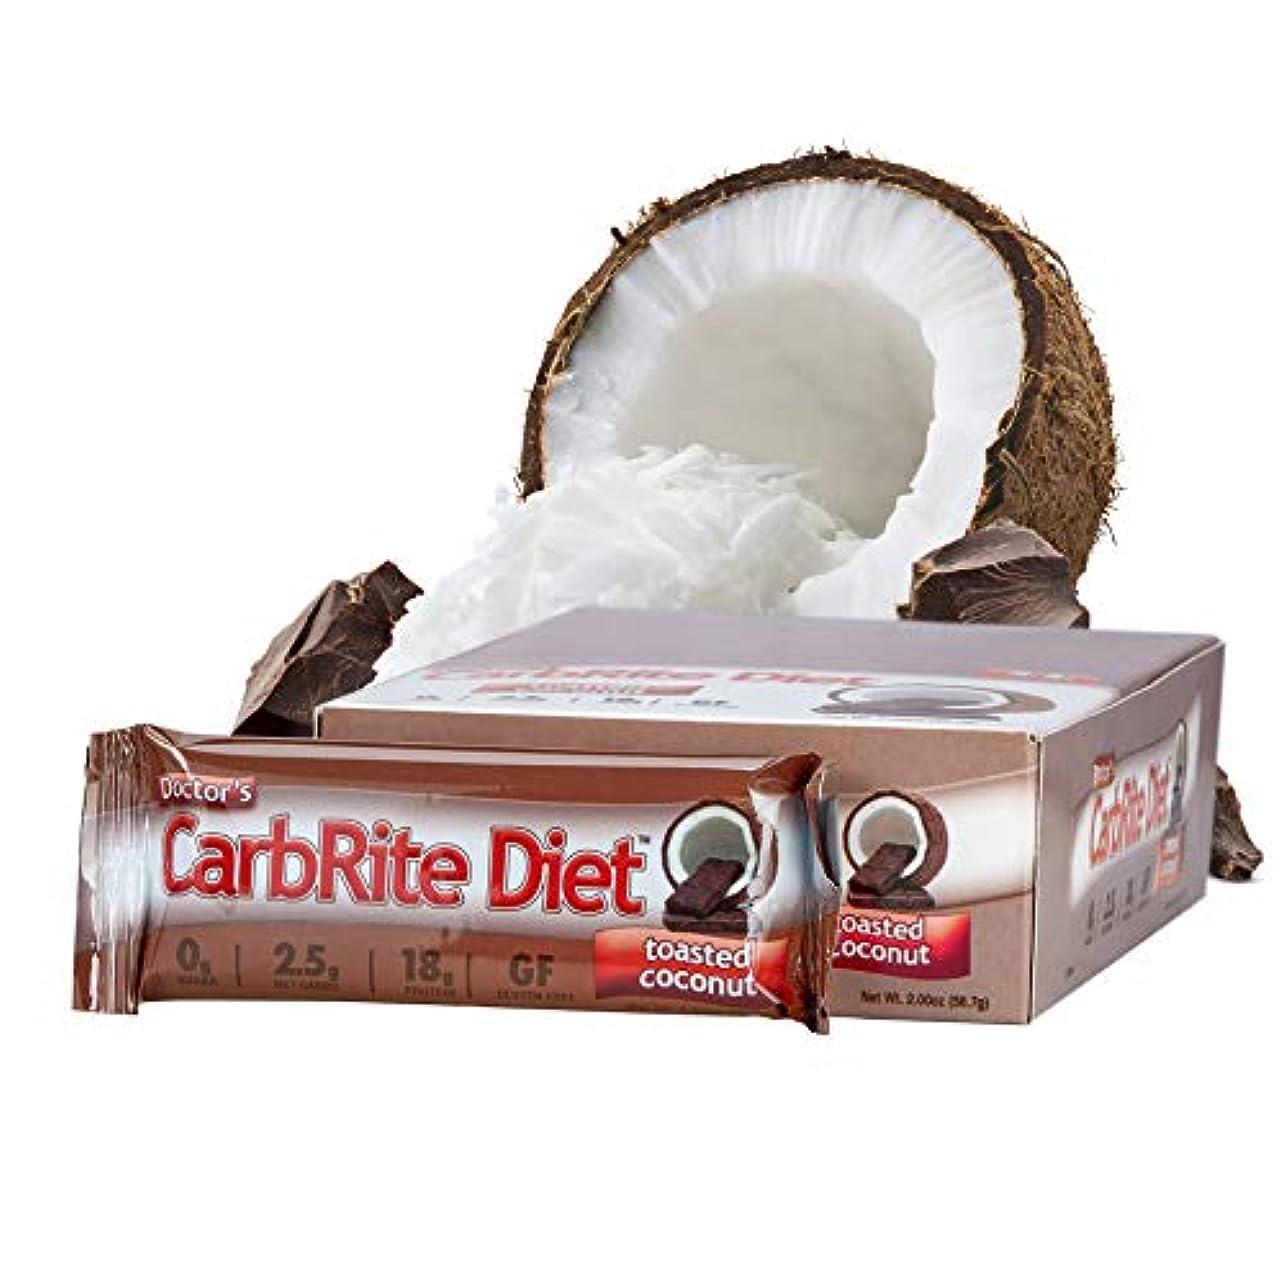 キャンドル討論焦がすUniversal Nutrition - Doctor's CarbRite ダイエット バー ボックス トースト ココナッツ - 1バー